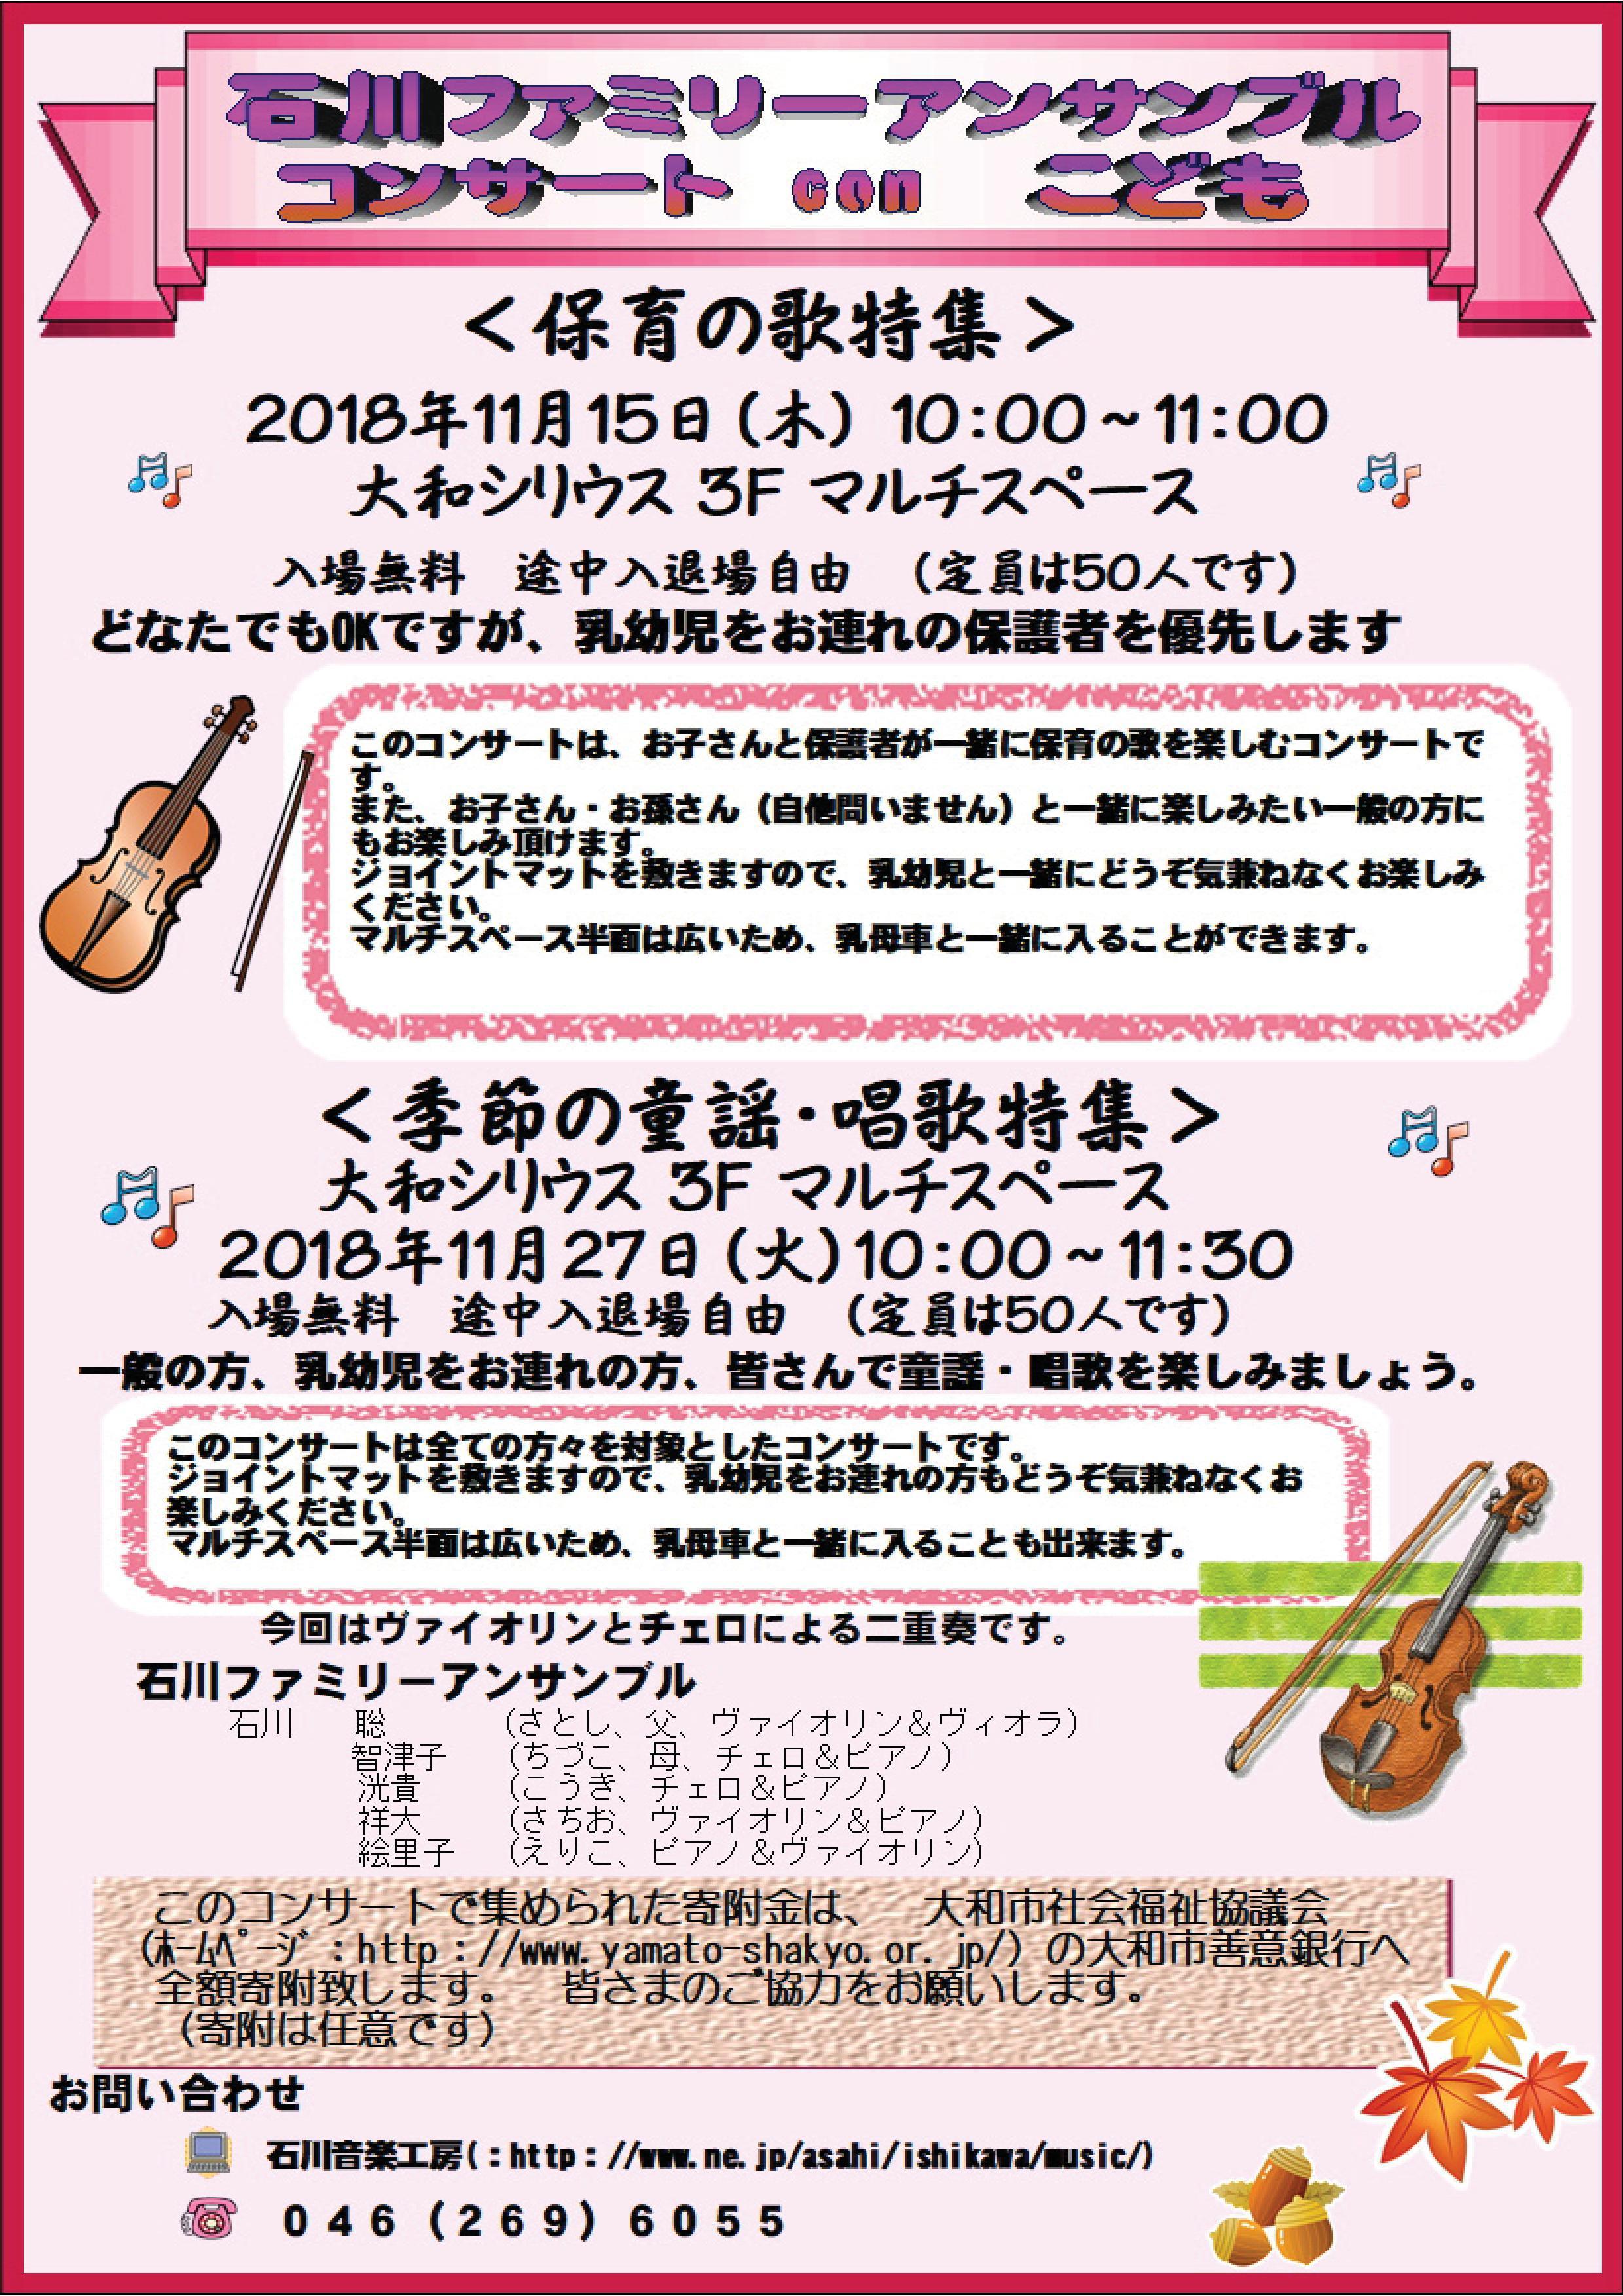 石川ファミリーアンサンブル コンサートconこども